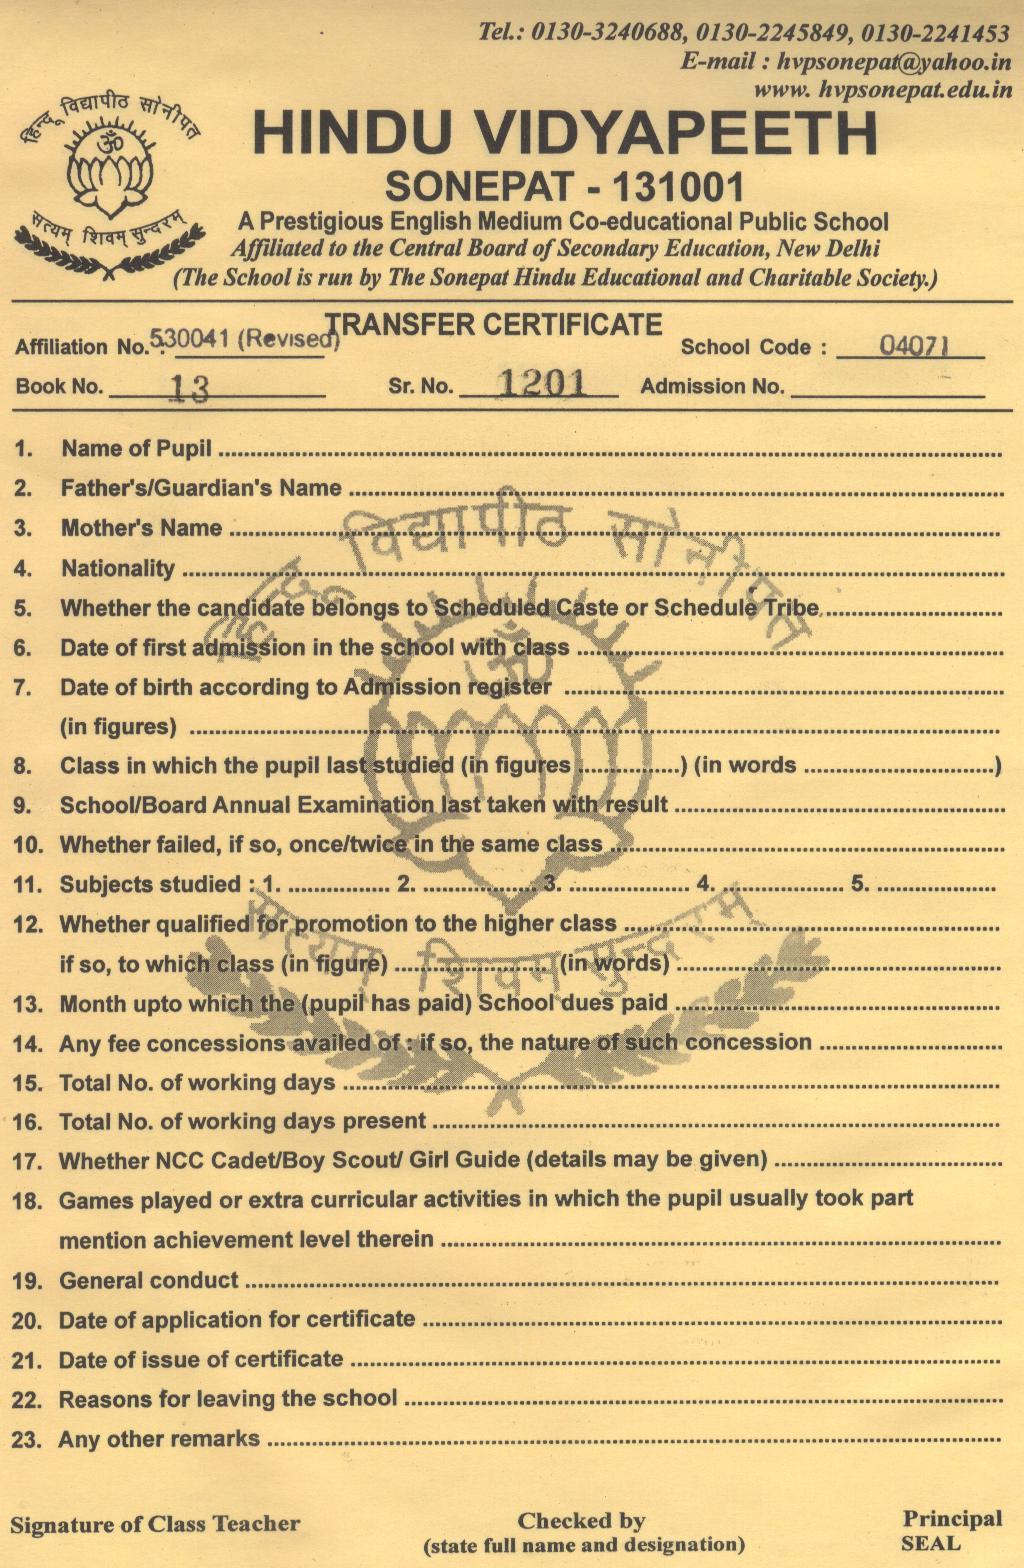 School Leaving Certificate Hindu Vidyapeeth Sonepat